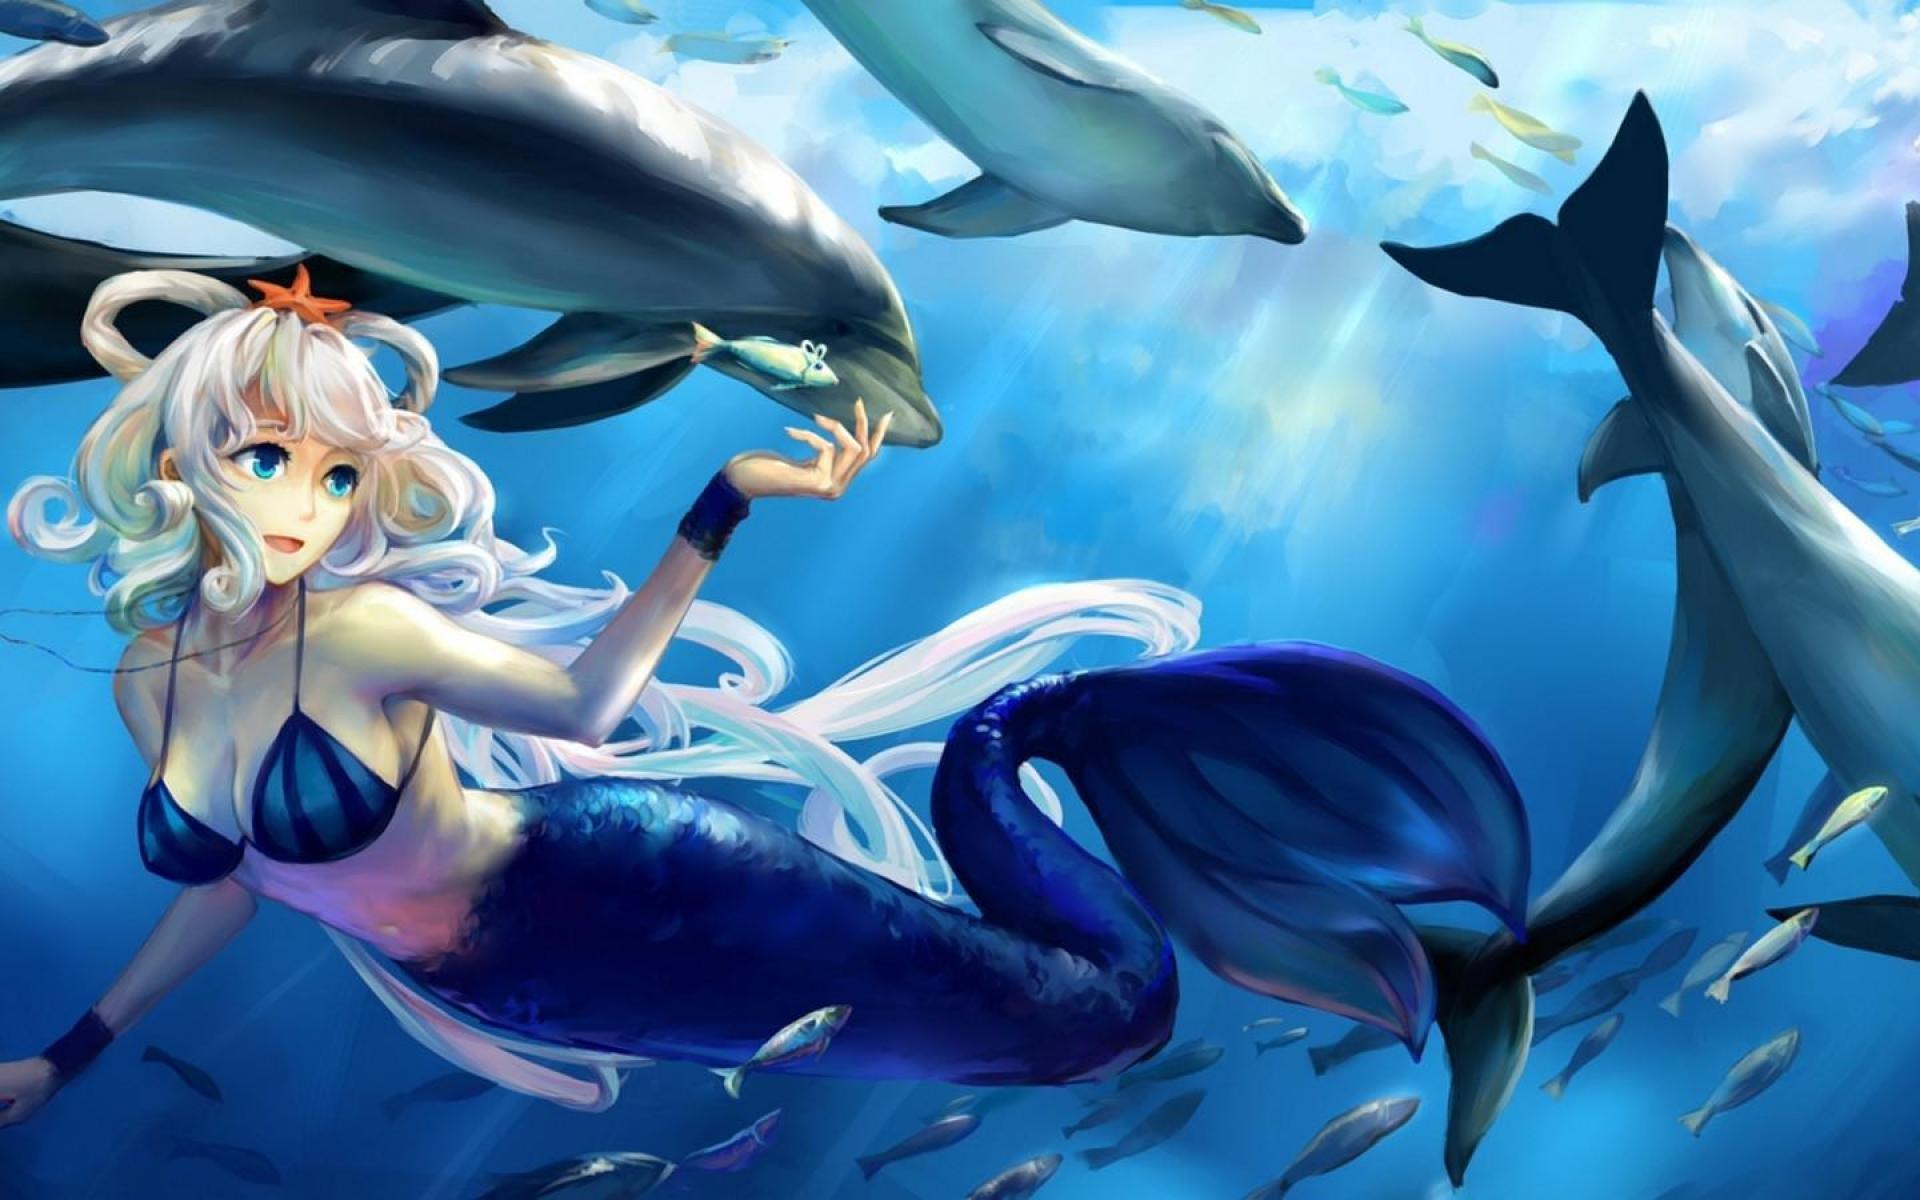 Mermaid Widescreen Wallpaper – Wallpaper, High Definition, High .